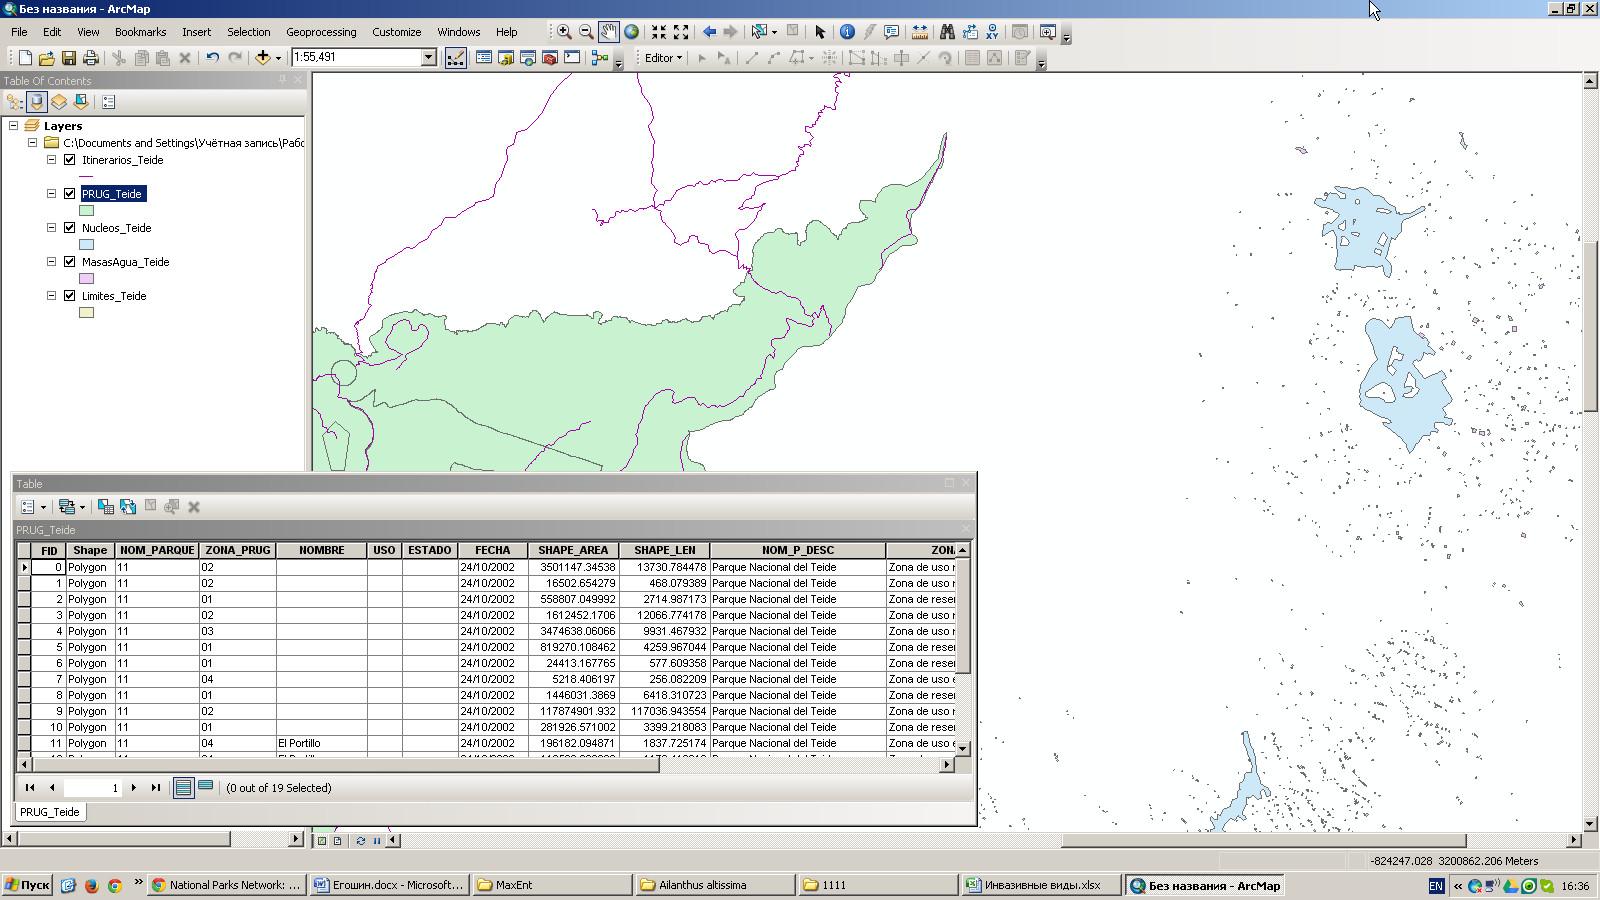 Шейп-файлы, содержащие различную пространственную информацию национального парка Тейде (Teide National Park)